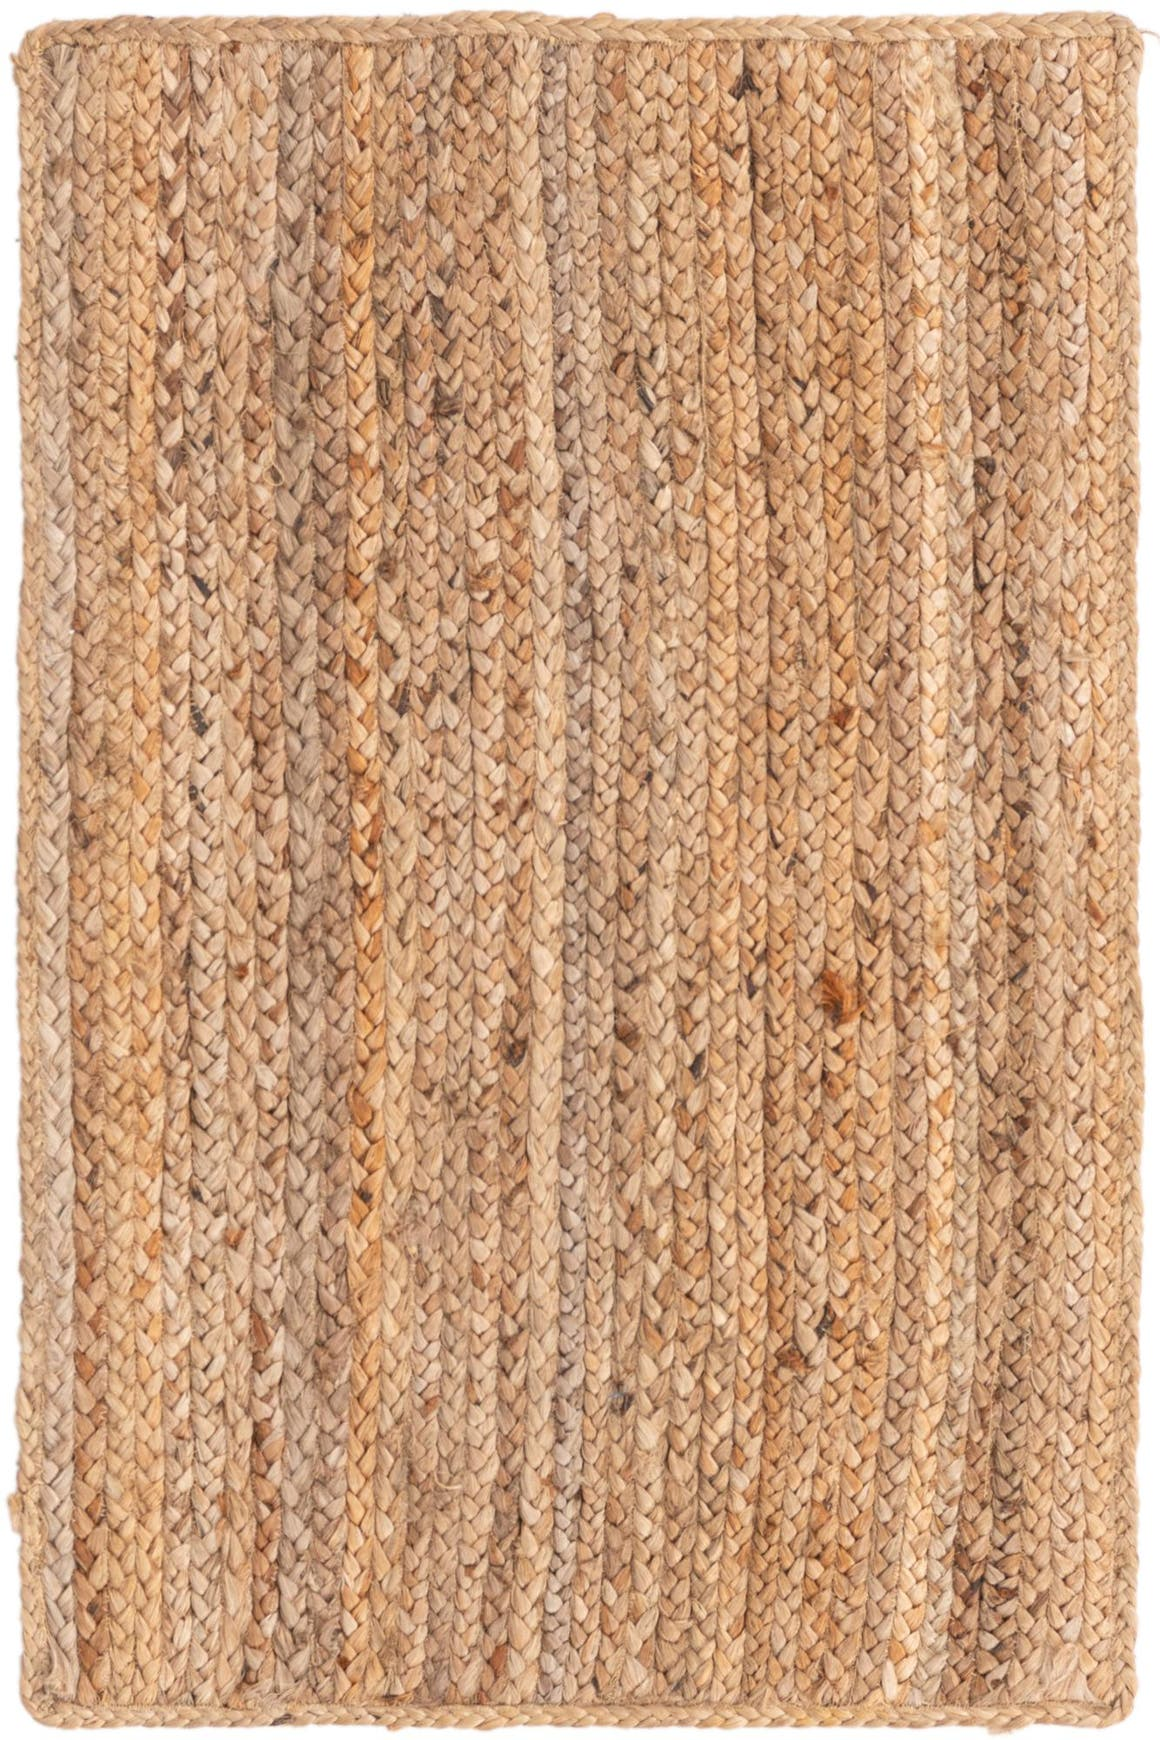 2' x 3' Braided Jute Rug main image